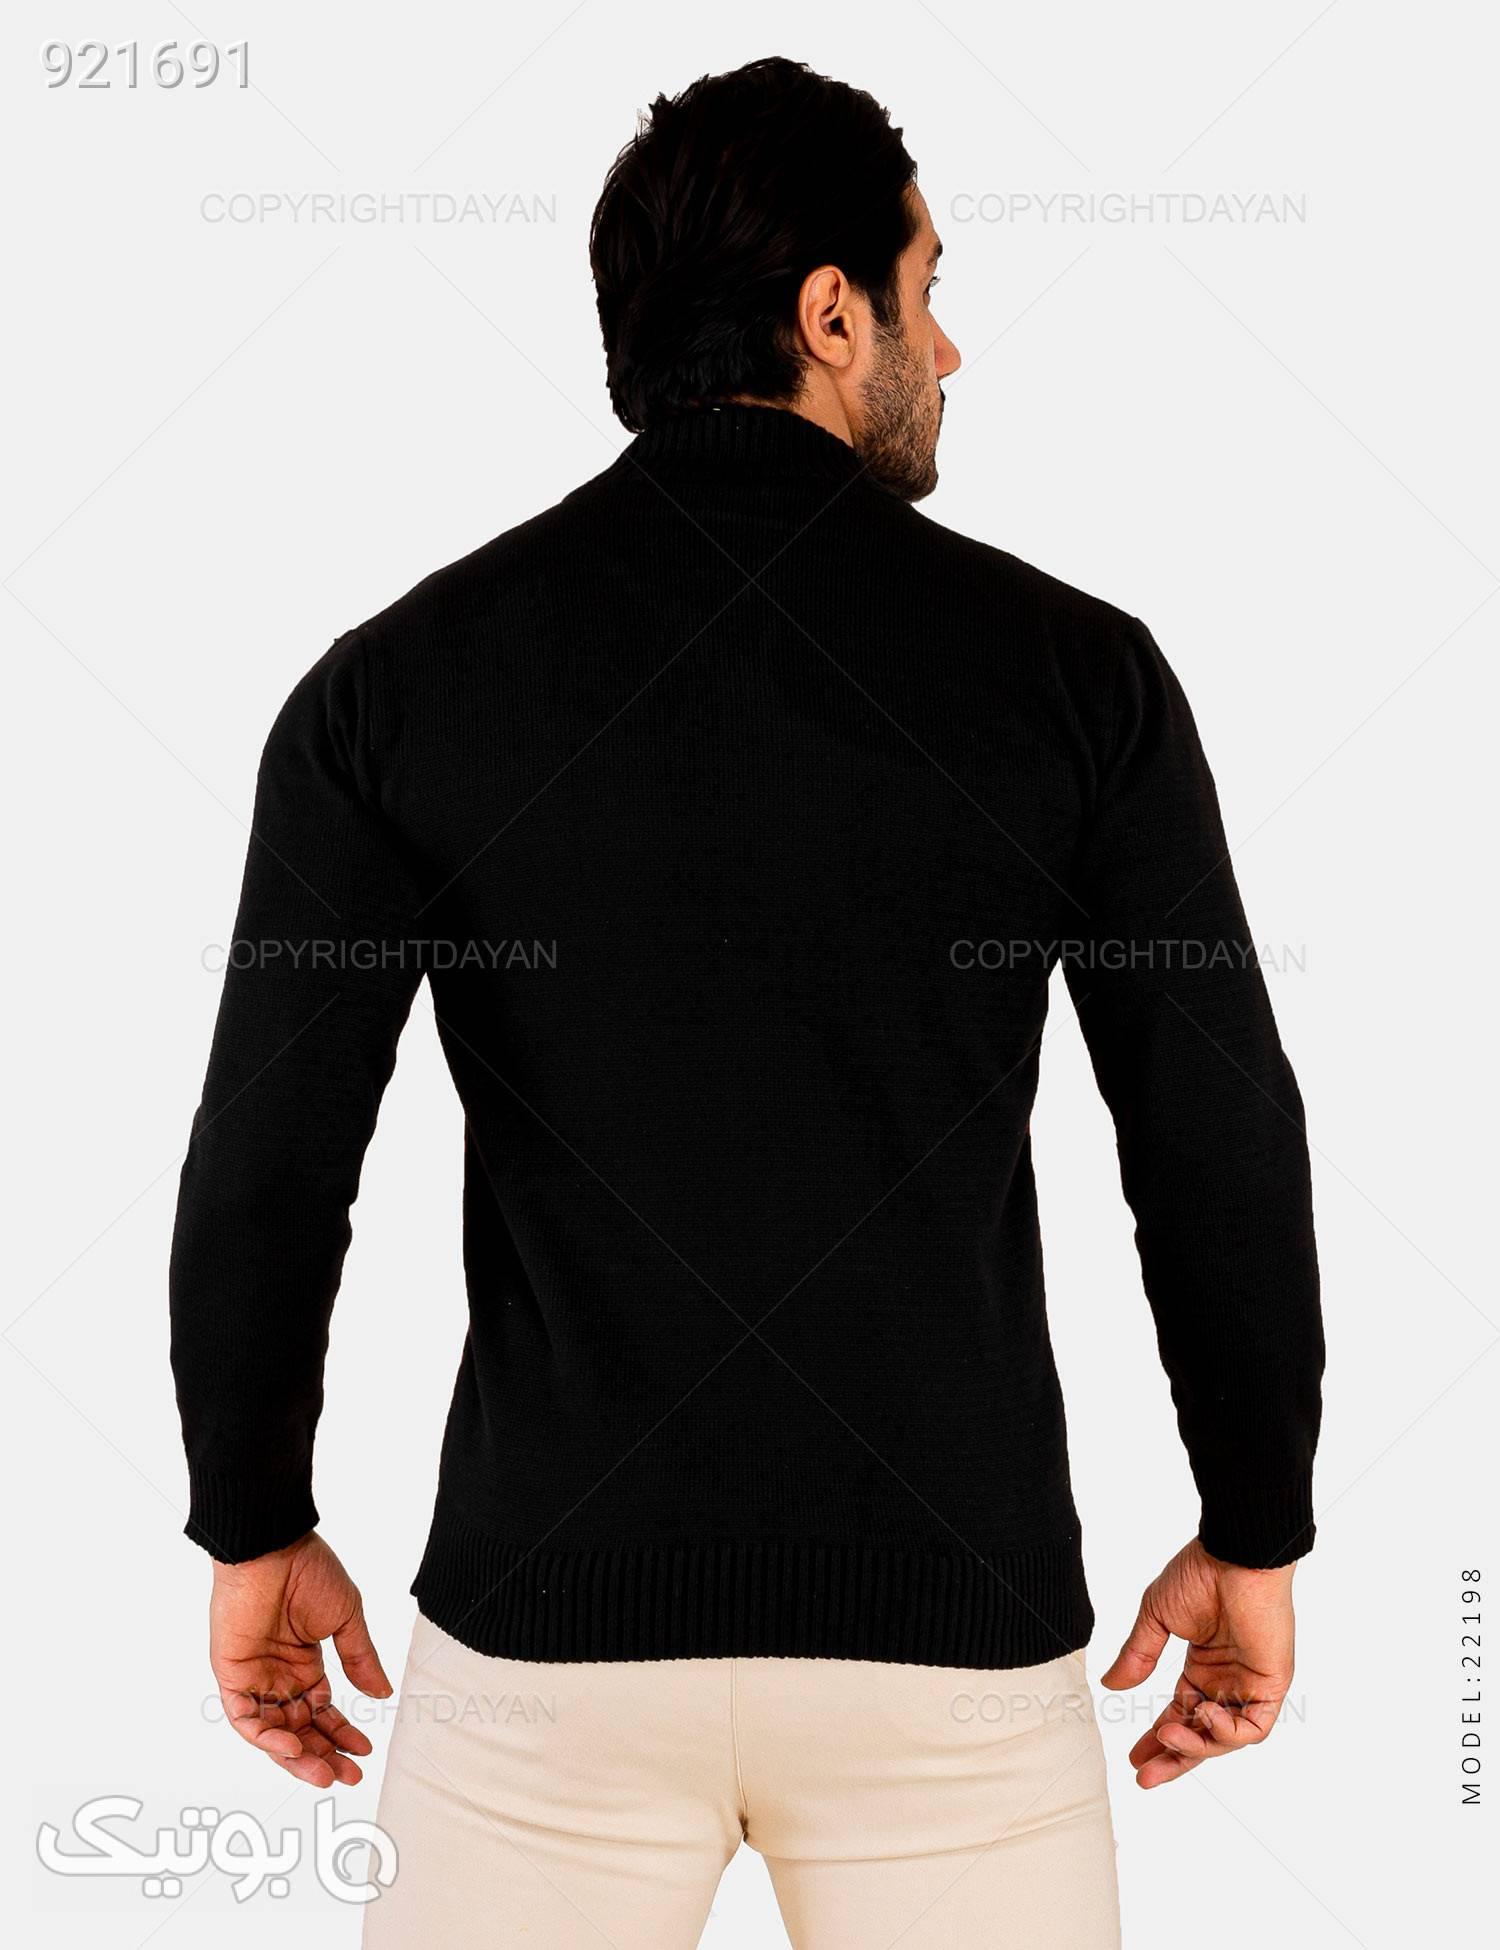 بافت مردانه Rayan مدل 22198 مشکی پليور و ژاکت مردانه